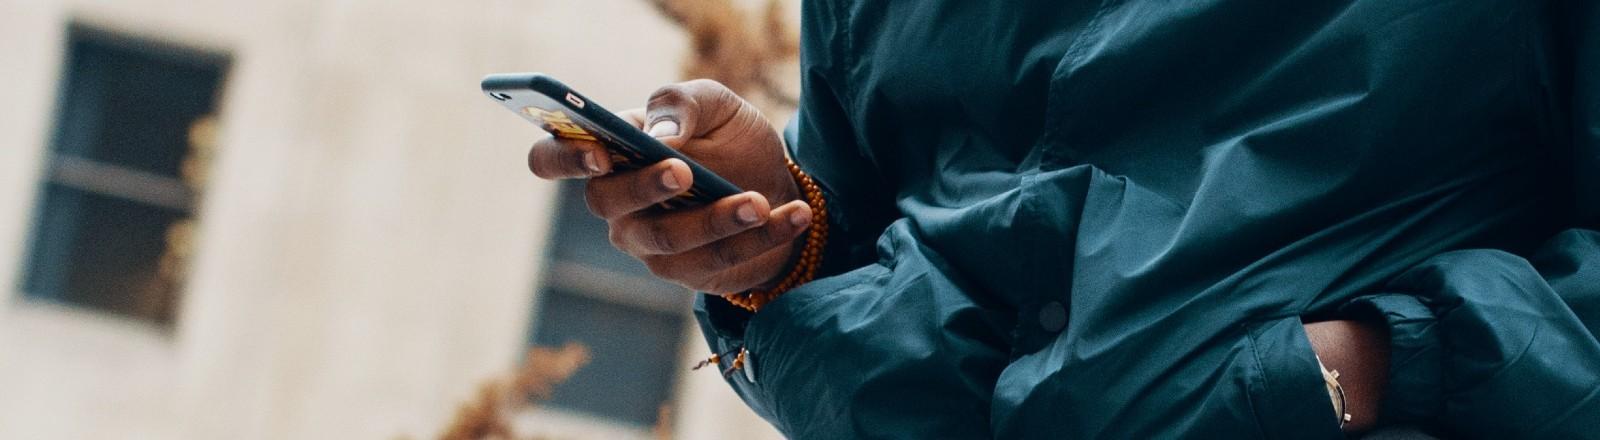 Ein Mann sitzt draußen und schaut auf sein Smartphone.